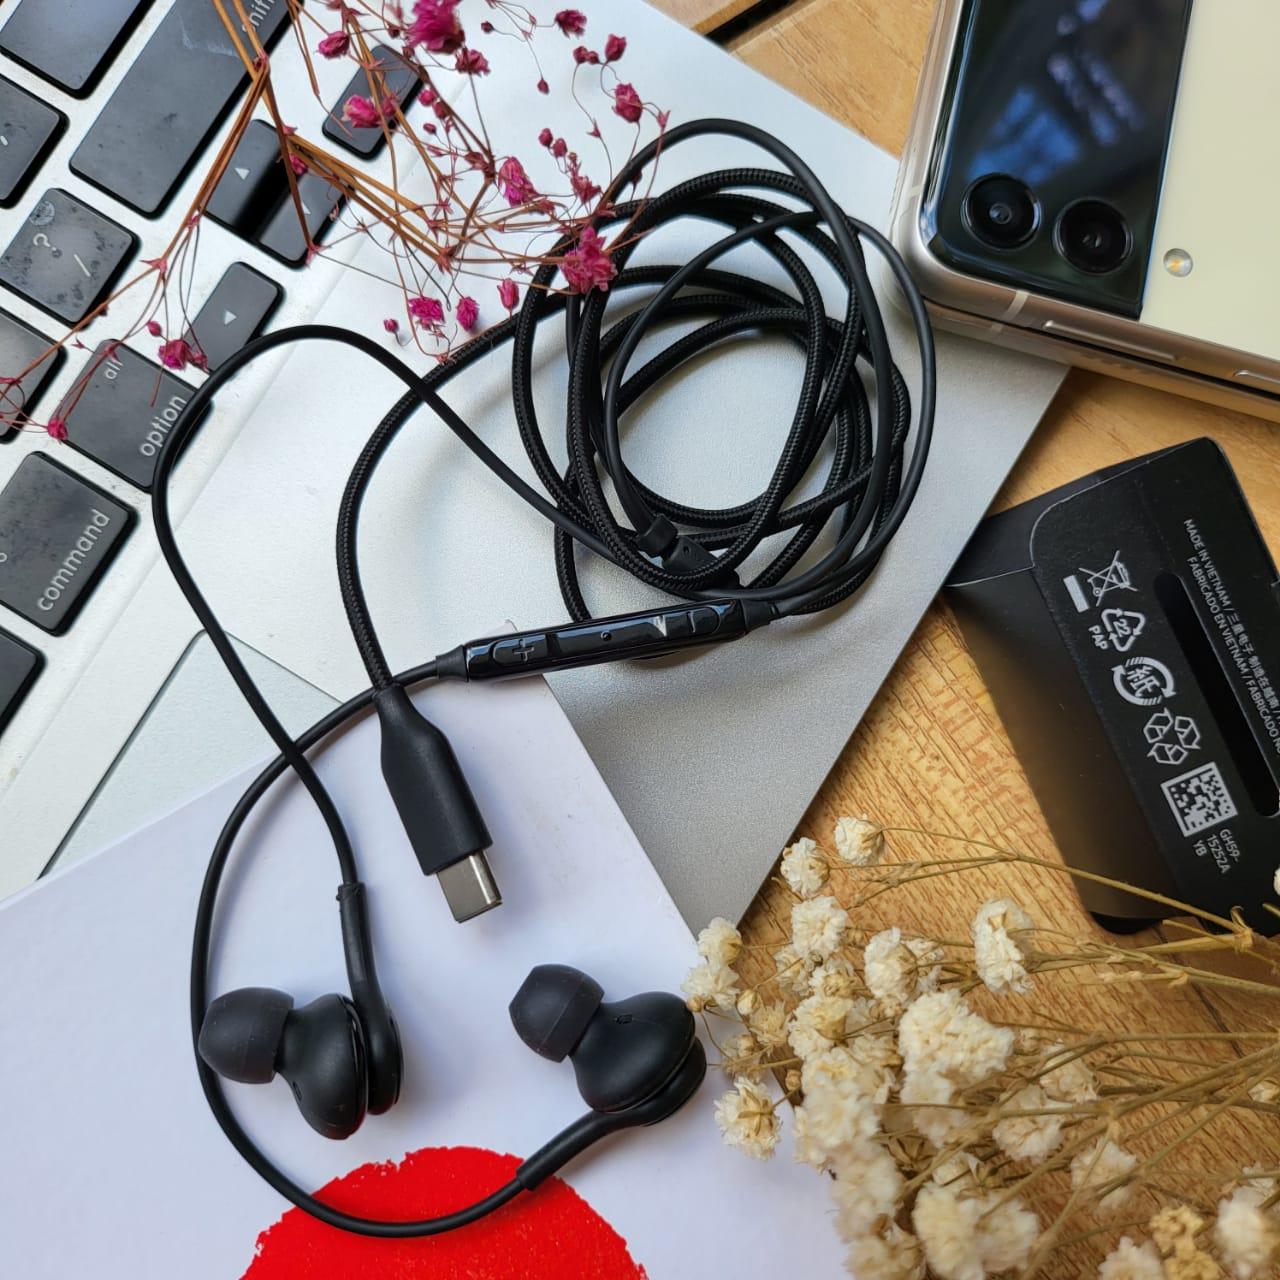 Tai nghe dành cho máy Samsung Z Fold Siries, Note 20 Siries, S21 Siries, S20/S20 Plus, Note 10/Plus - Chân Cắm Type C - Âm thanh sống động